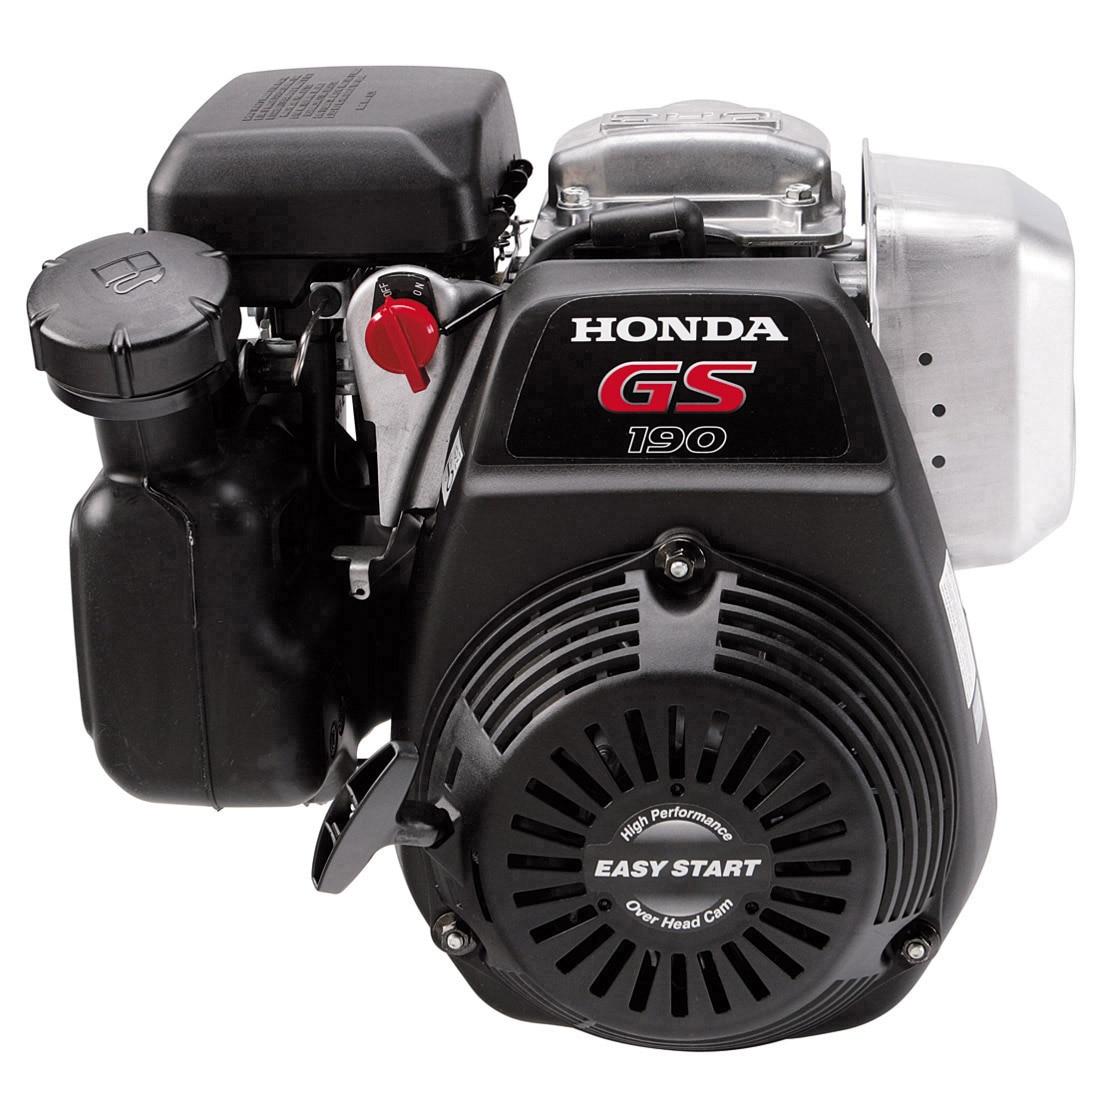 Honda Small Engines >> Honda Engines Small Engine Models Manuals Parts